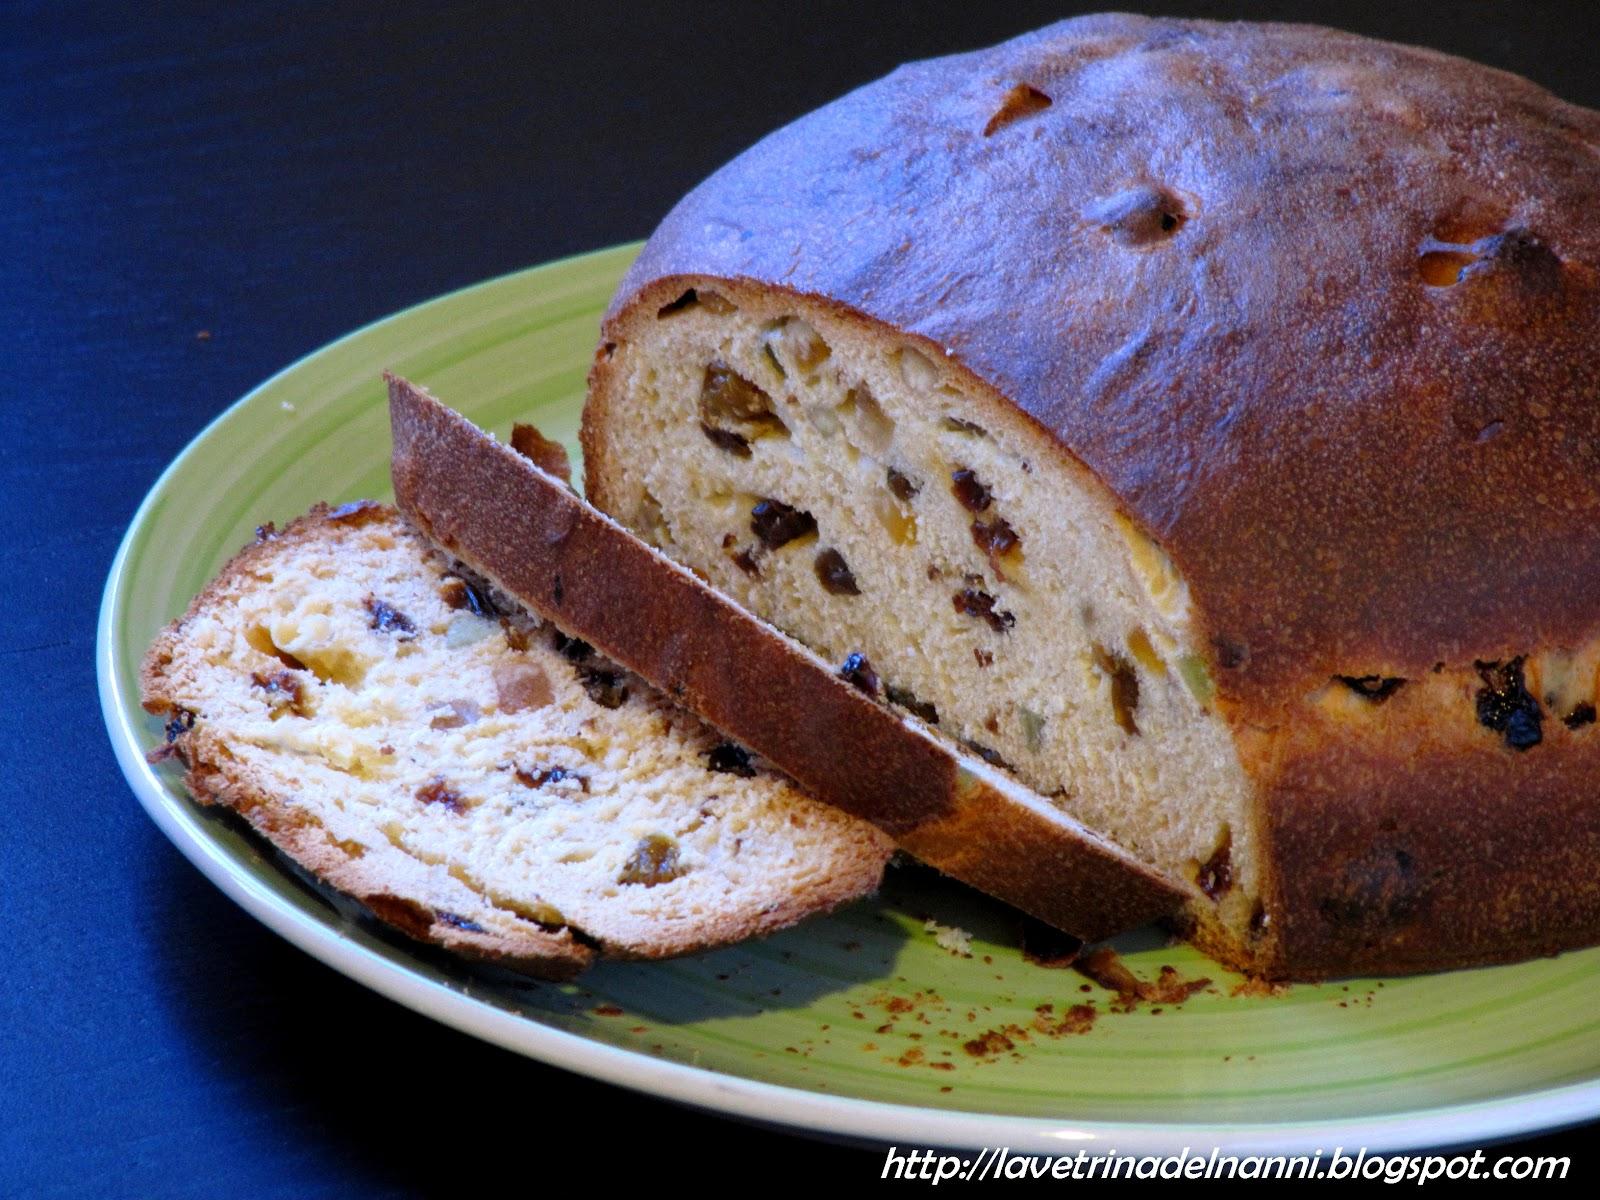 La vetrina del Nanni: Barm Brack Cake